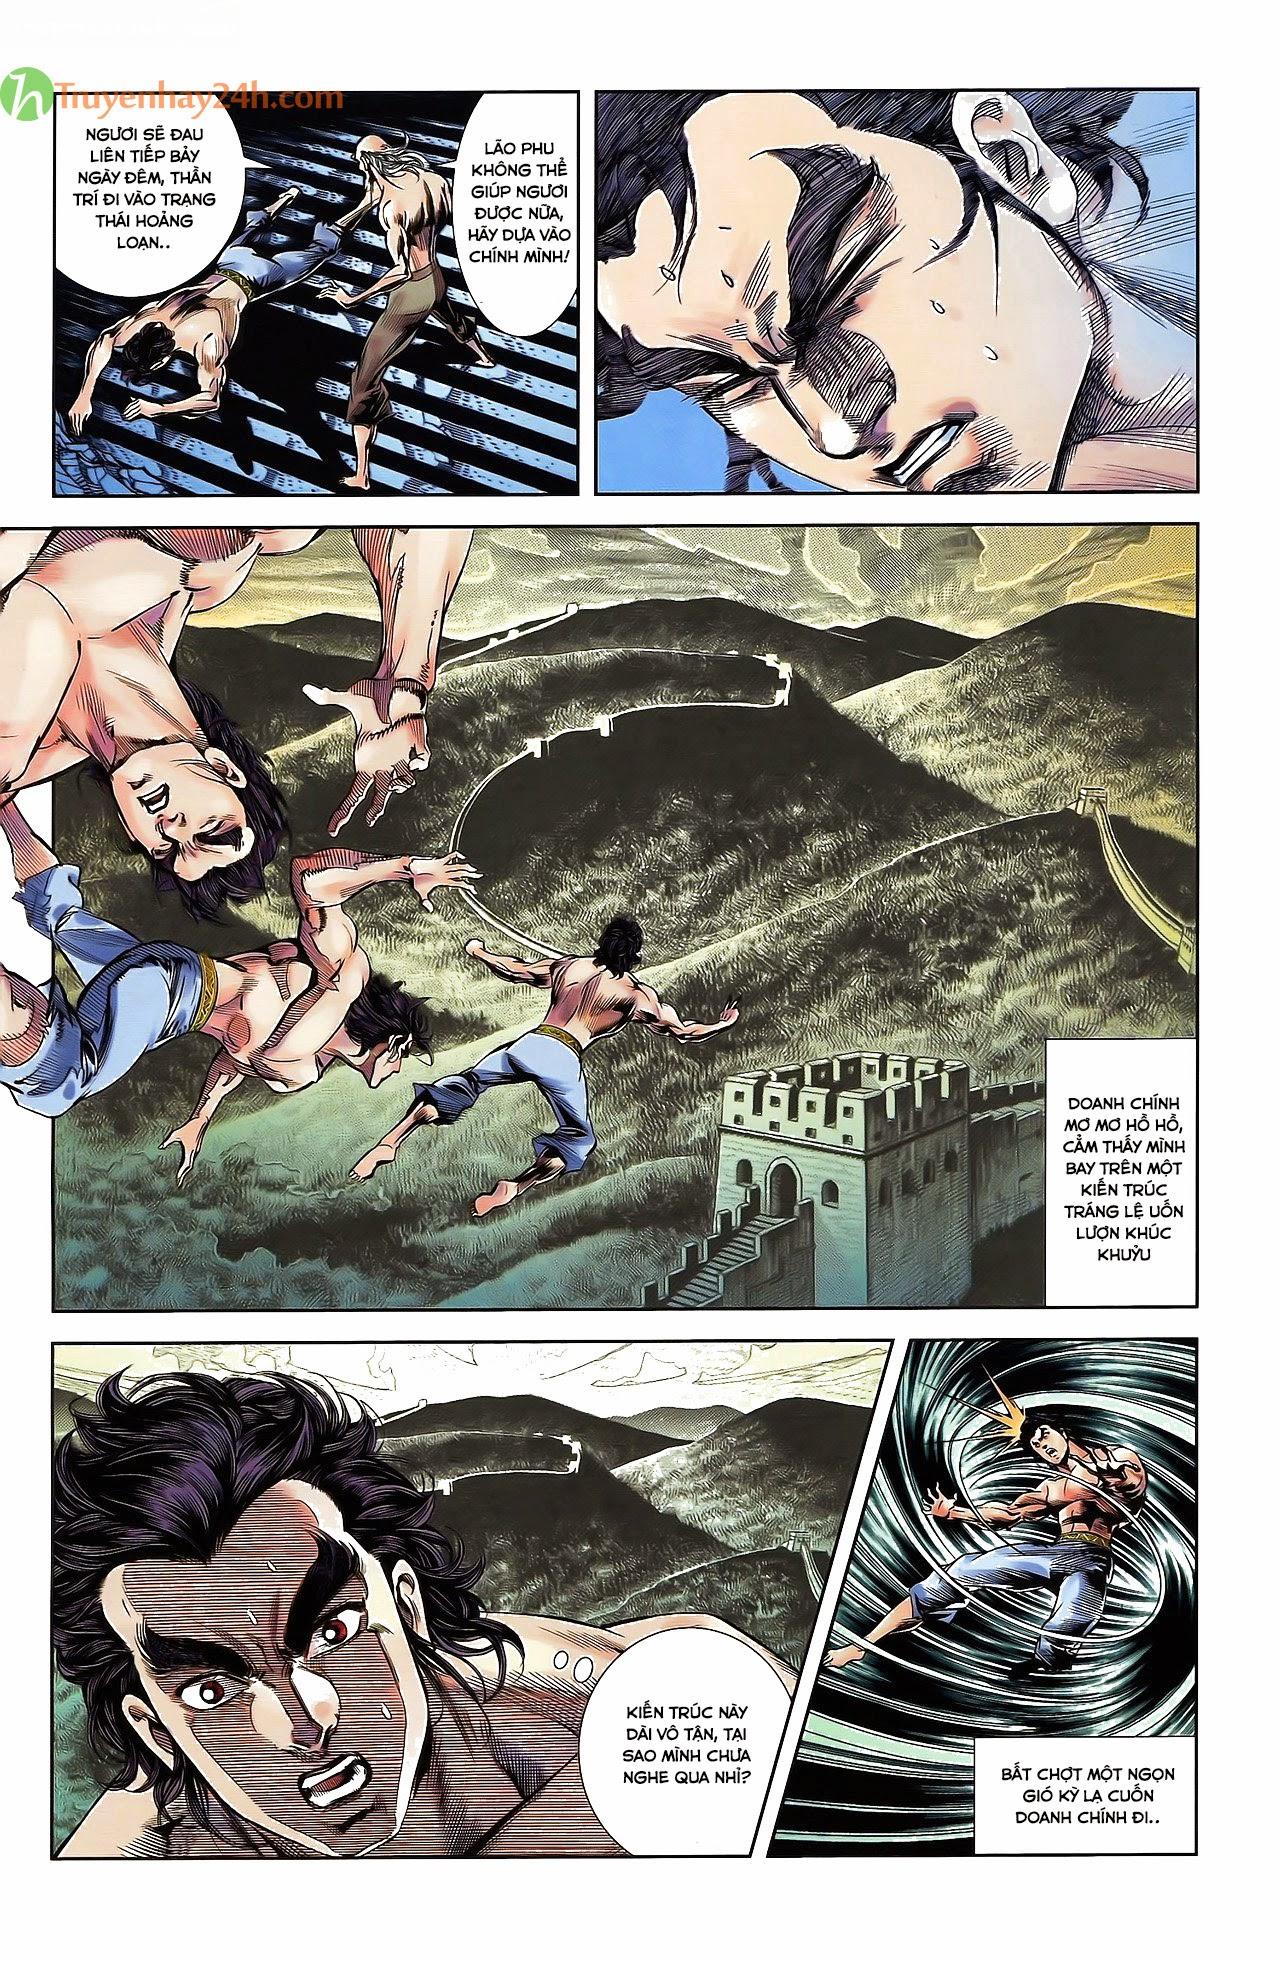 Tần Vương Doanh Chính chapter 30 trang 20